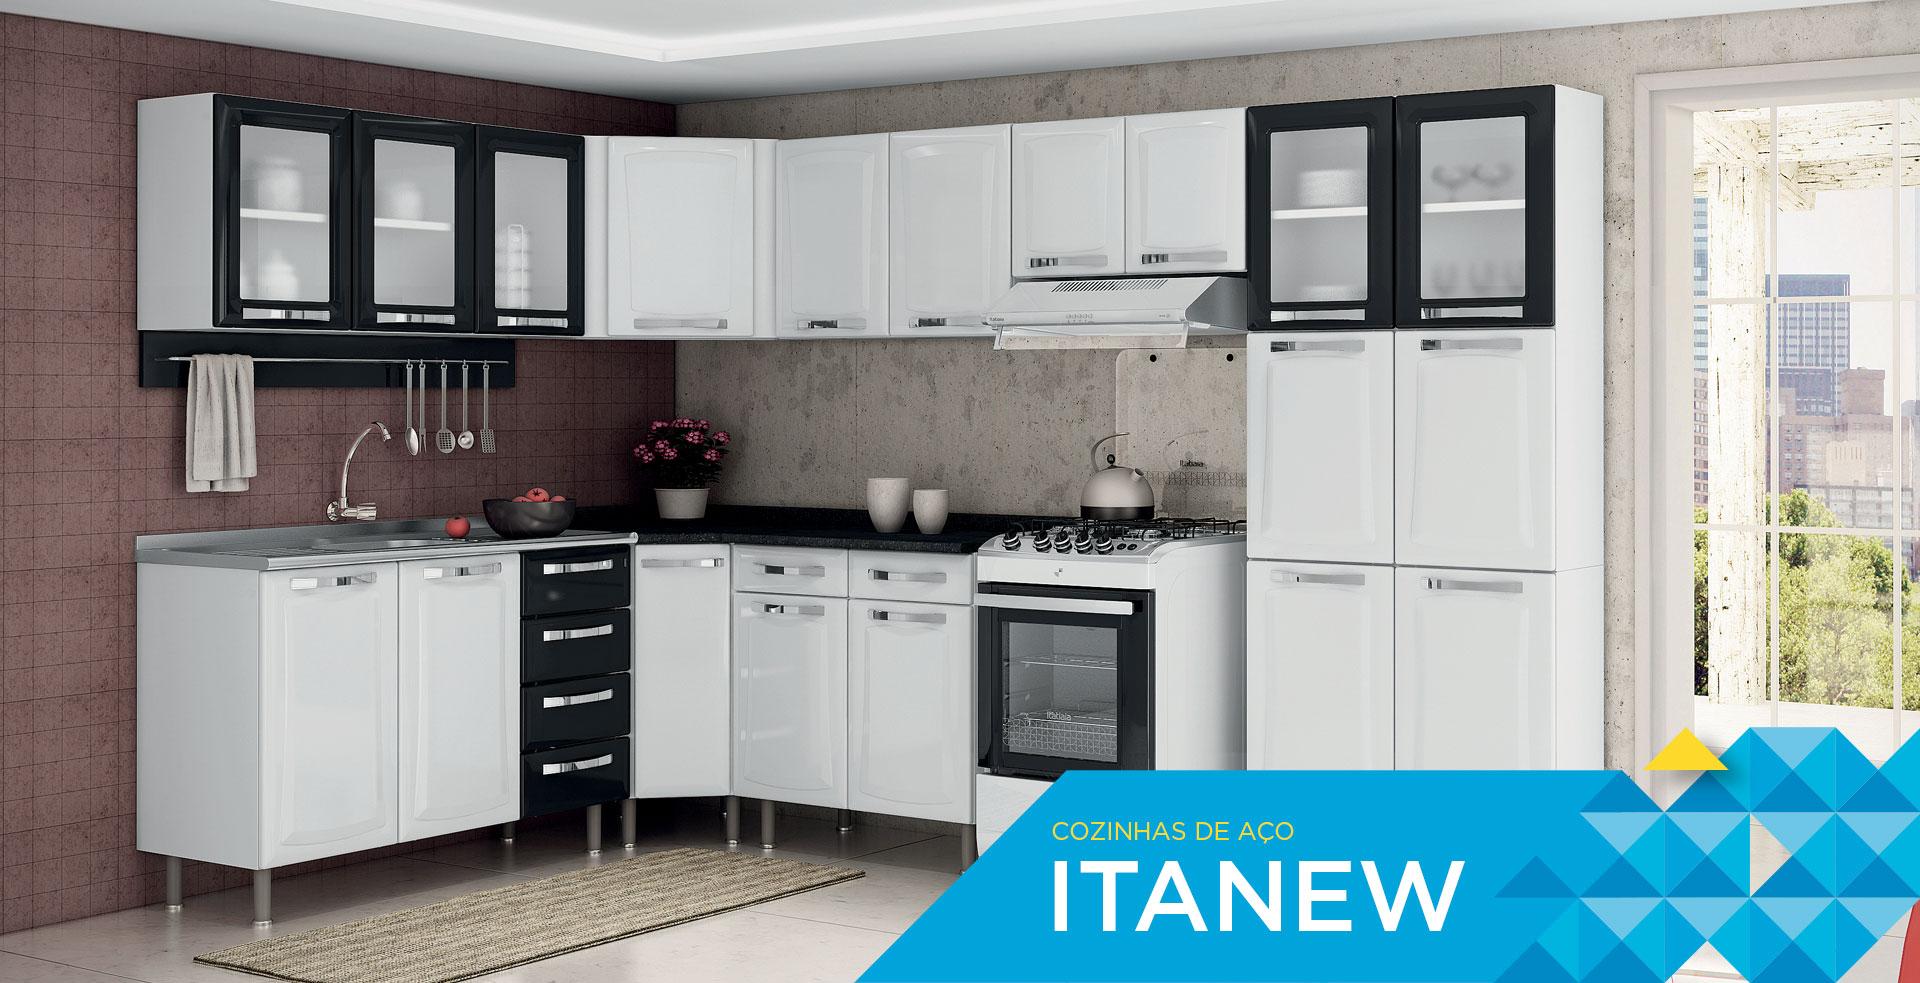 Cozinhas de Aço Itanew | Cozinhas Itatiaia